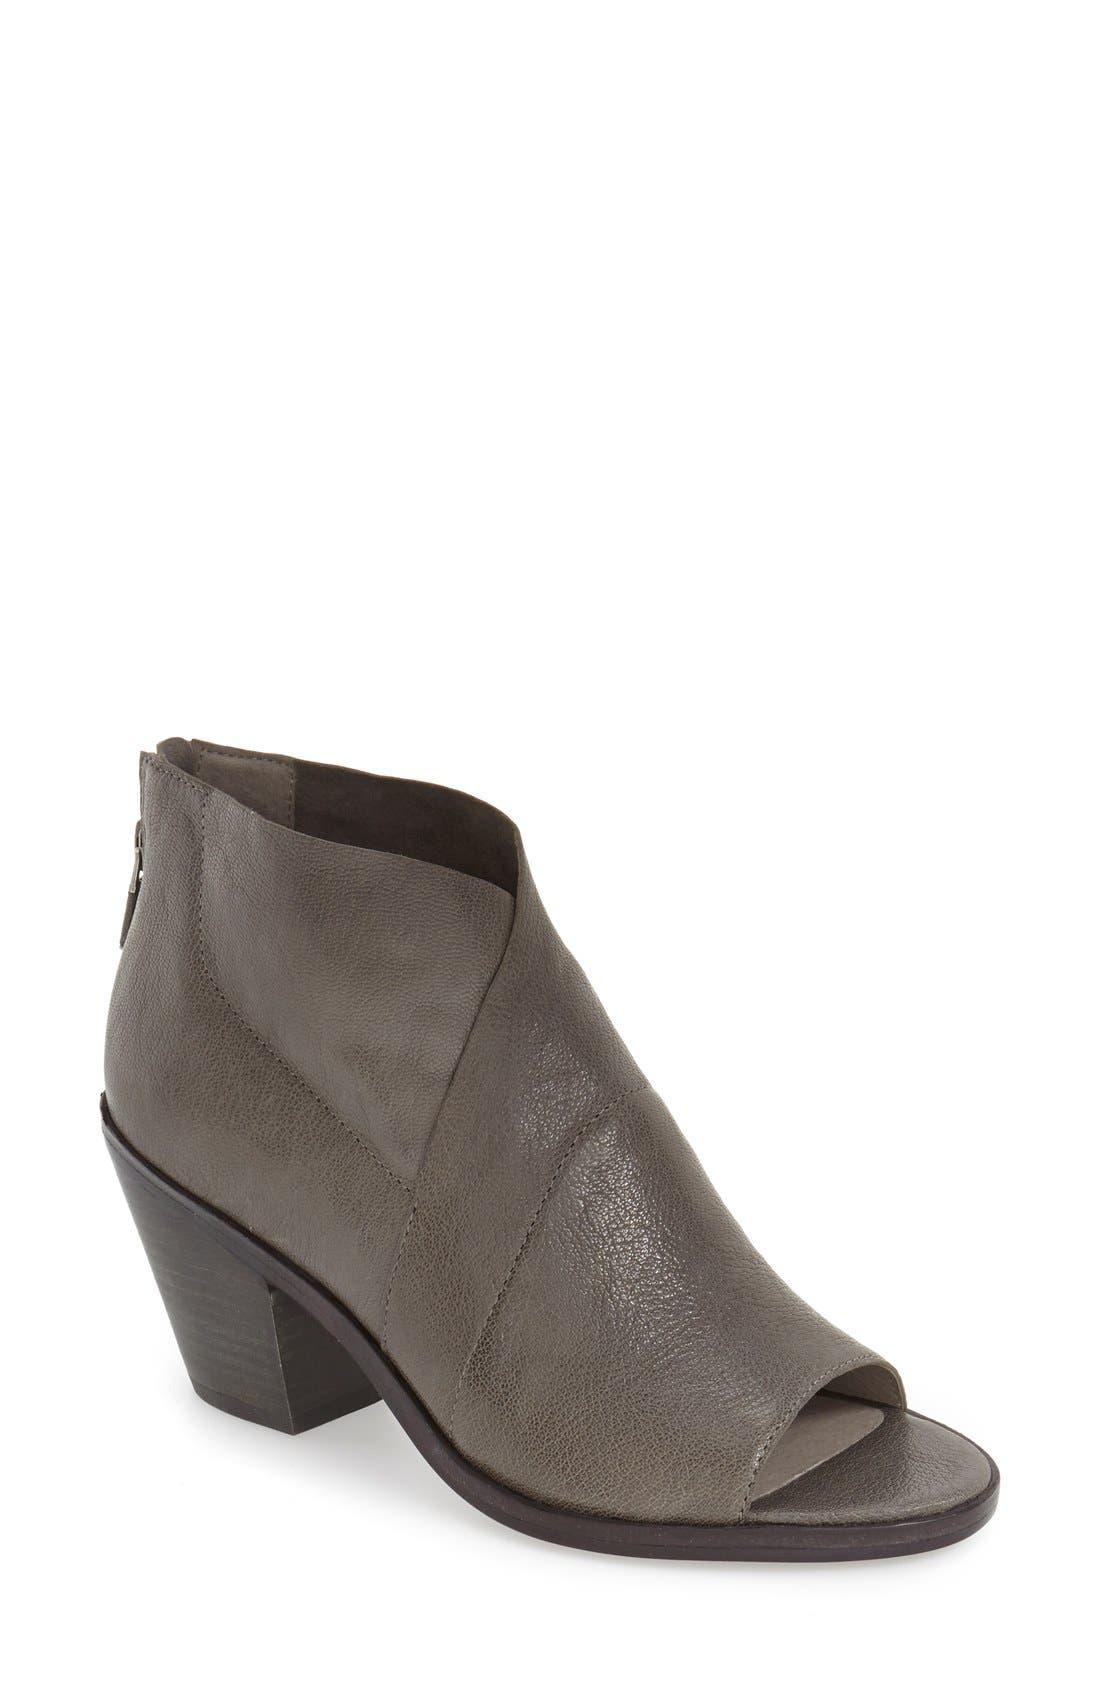 Alternate Image 1 Selected - Eileen Fisher 'Ink' Open Toe Block Heel Bootie (Women)